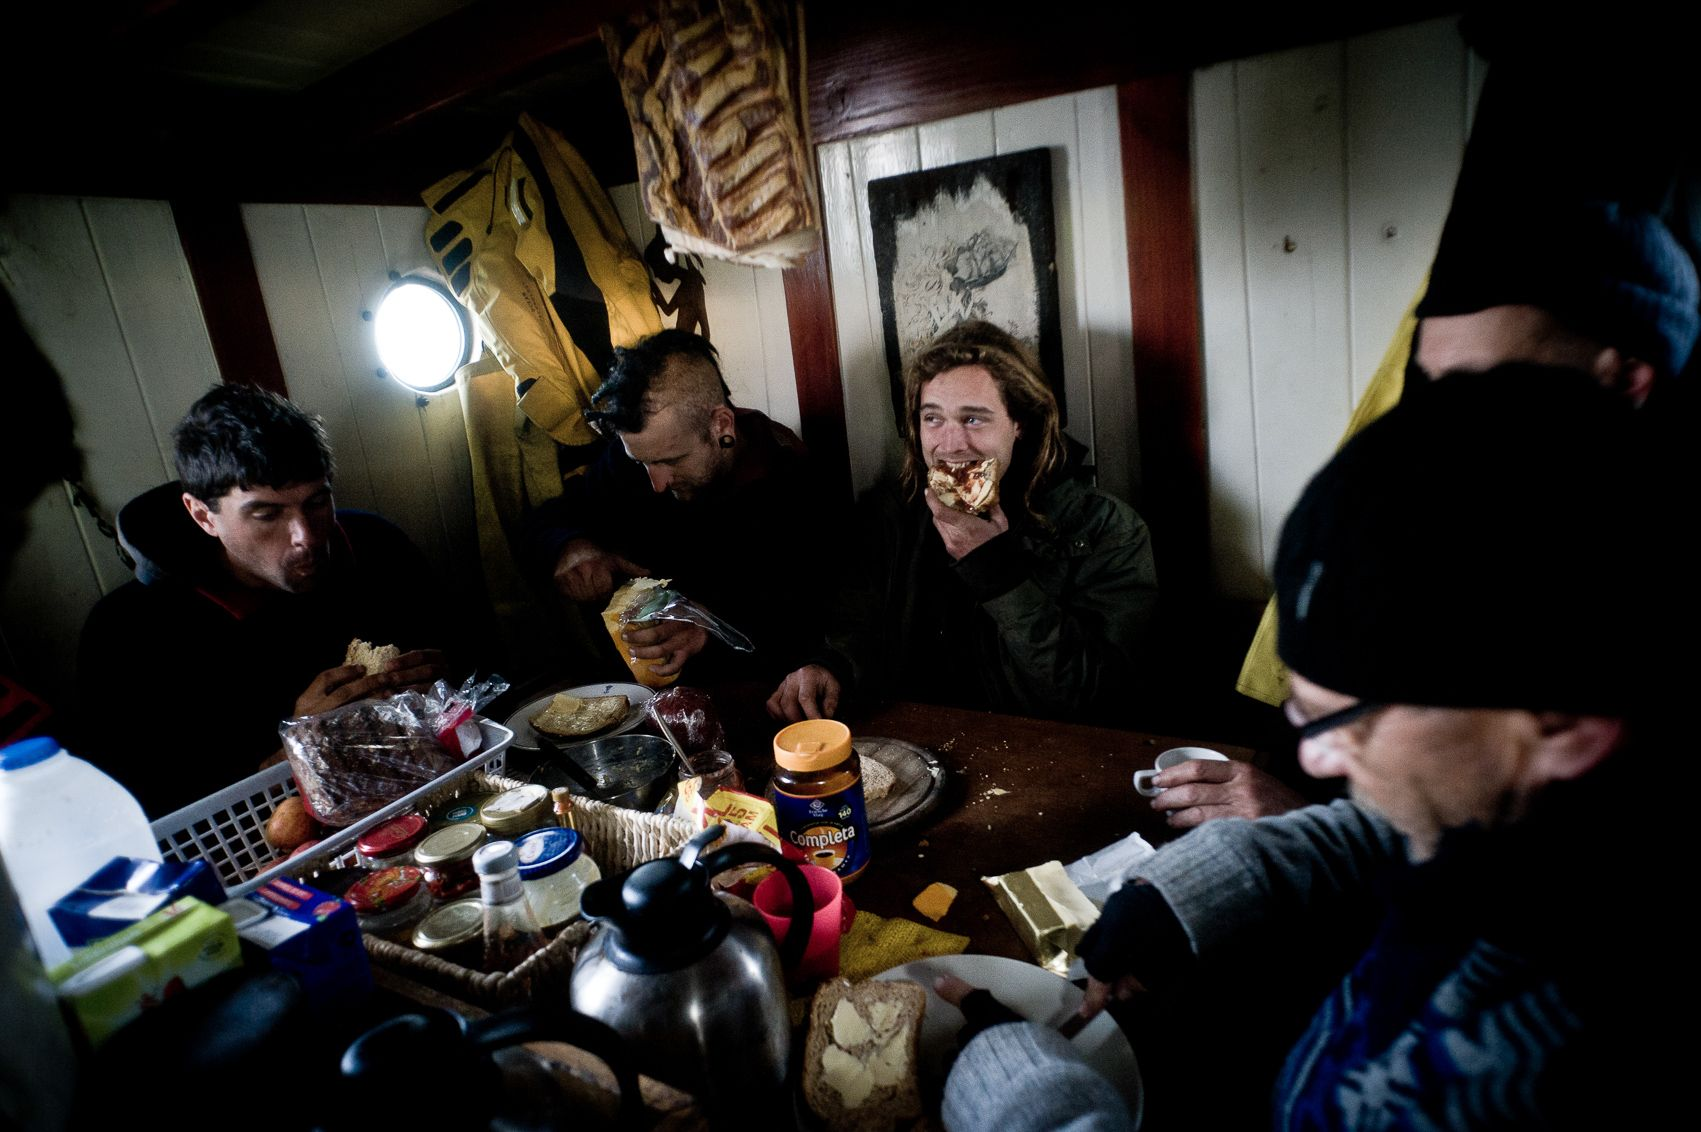 petit dejeuner à bord du trés Hombrés